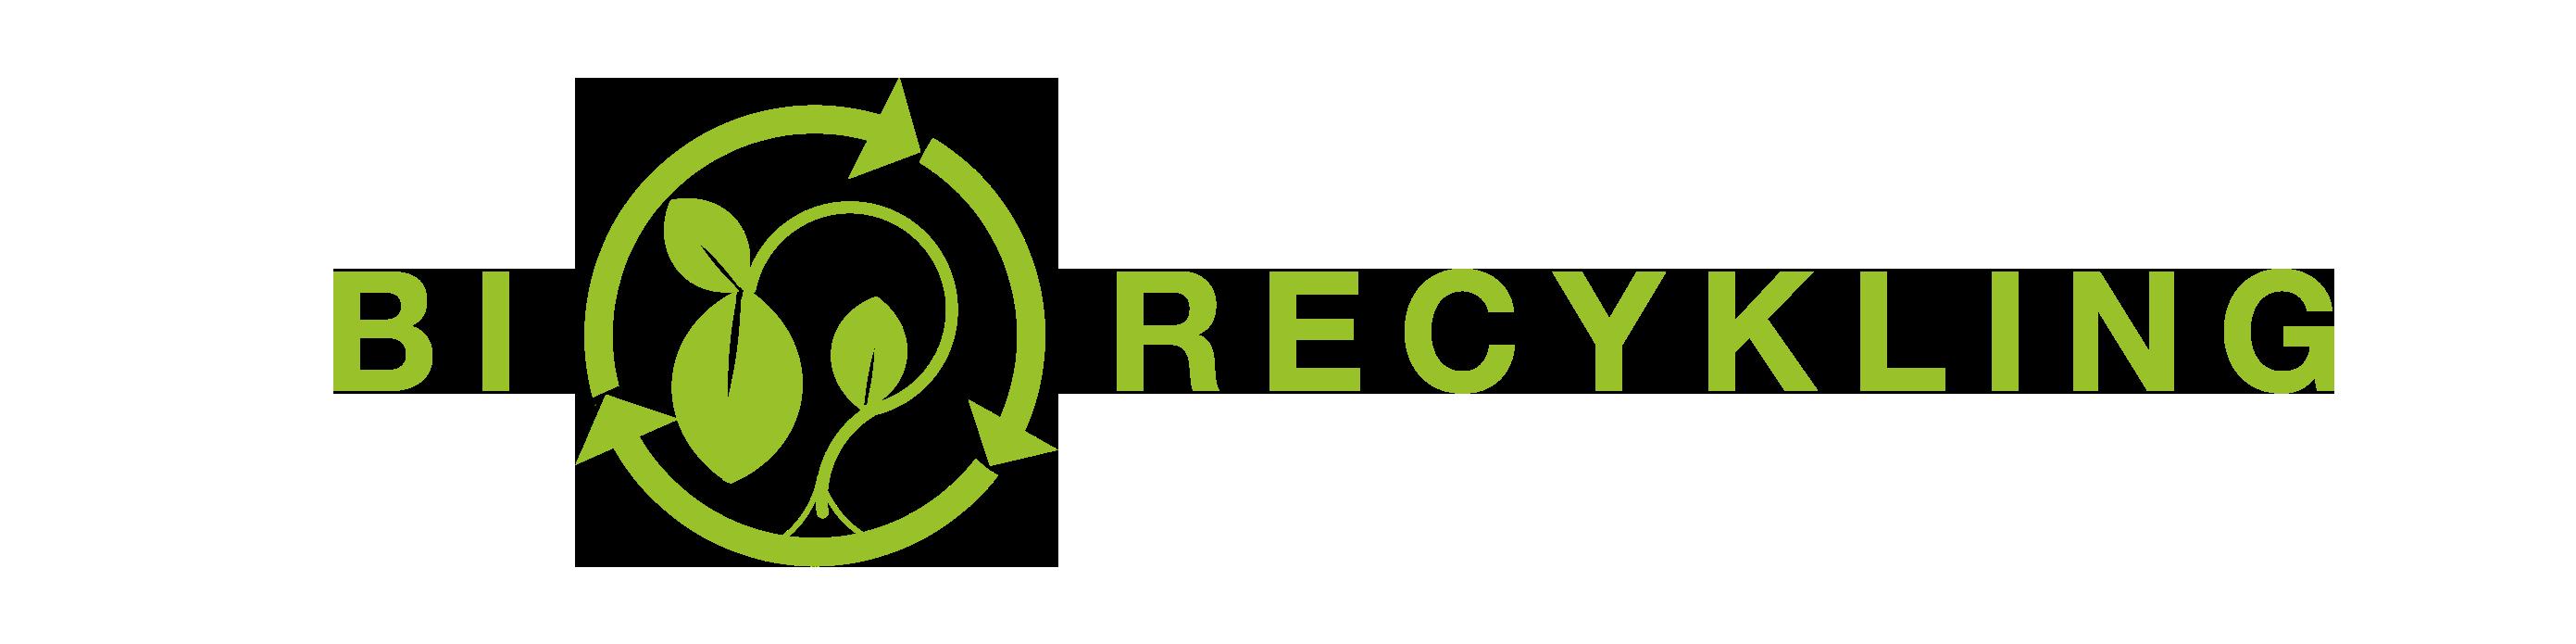 Biorecykling.org